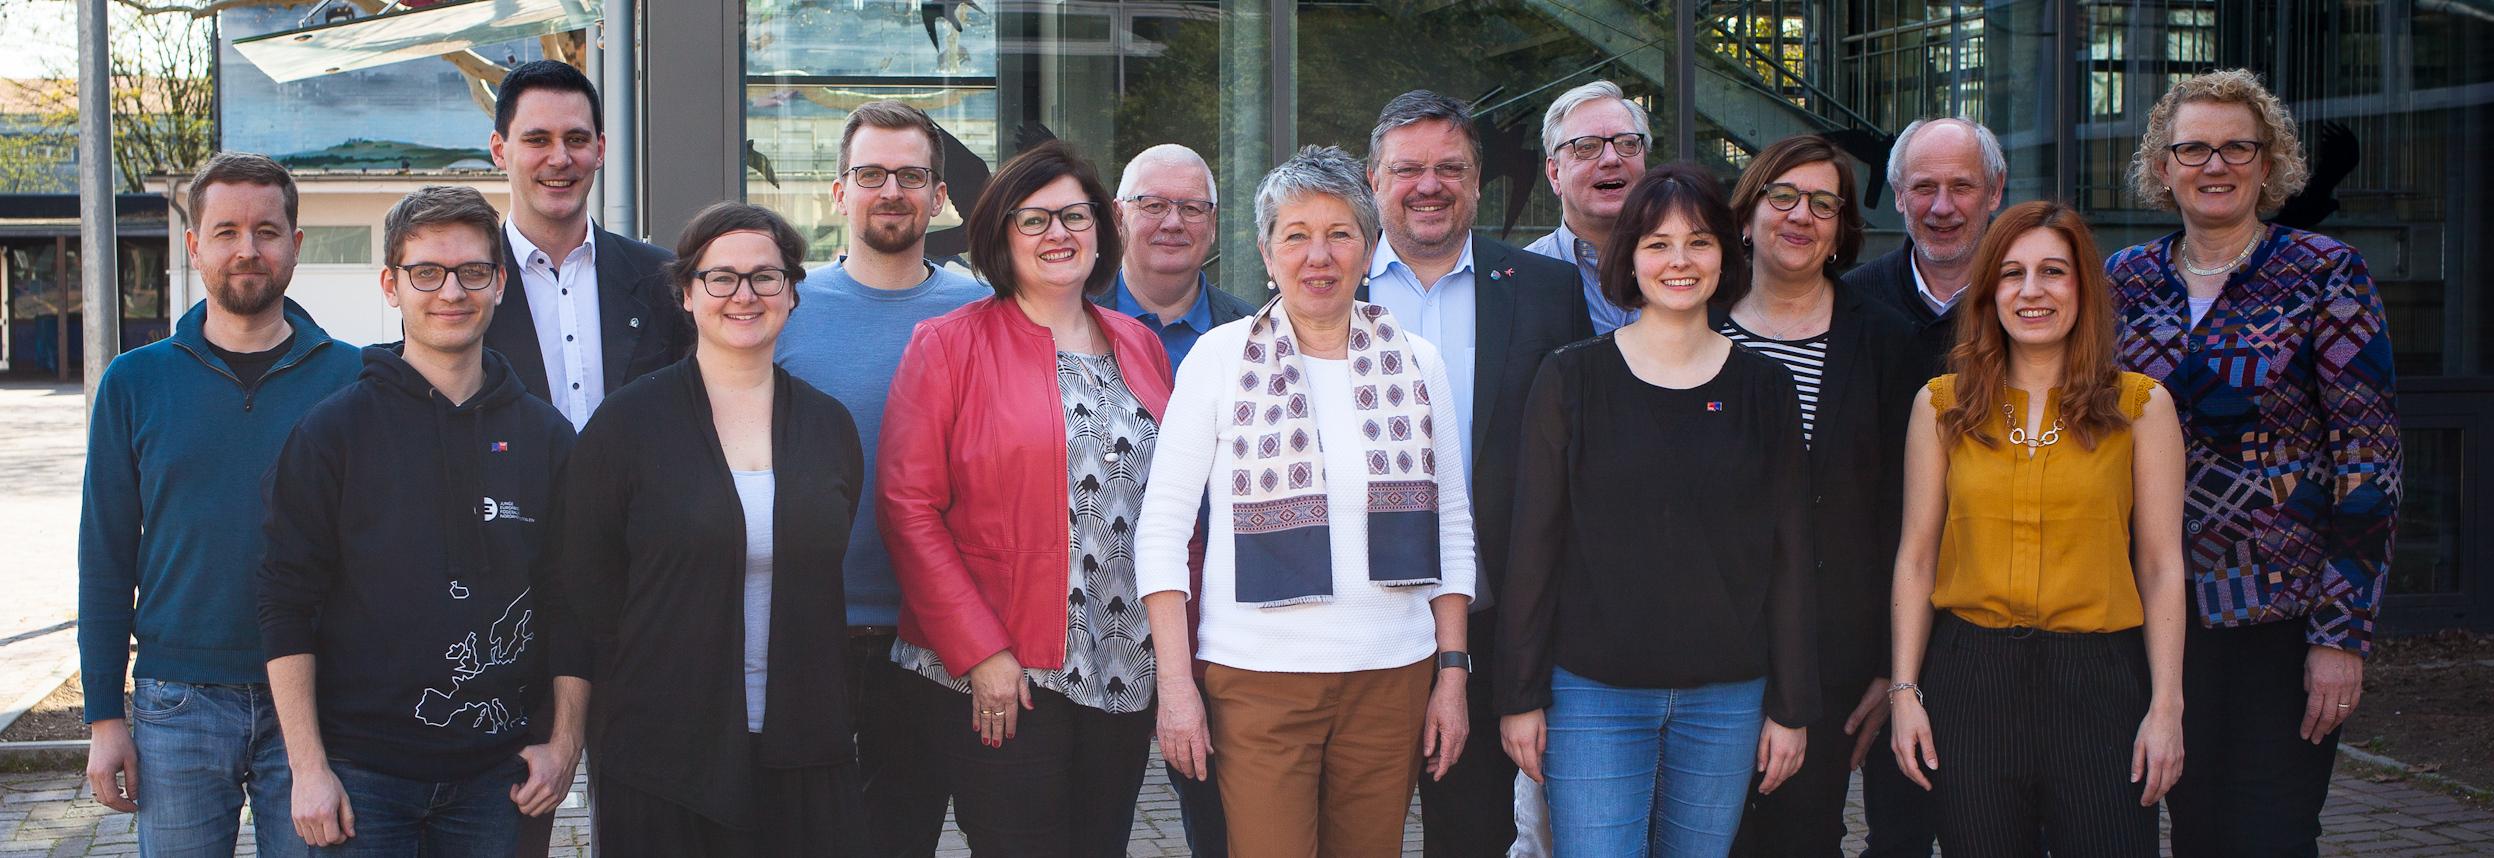 Die SPD Düsseldorf hat einen neuen Vorstand gewählt